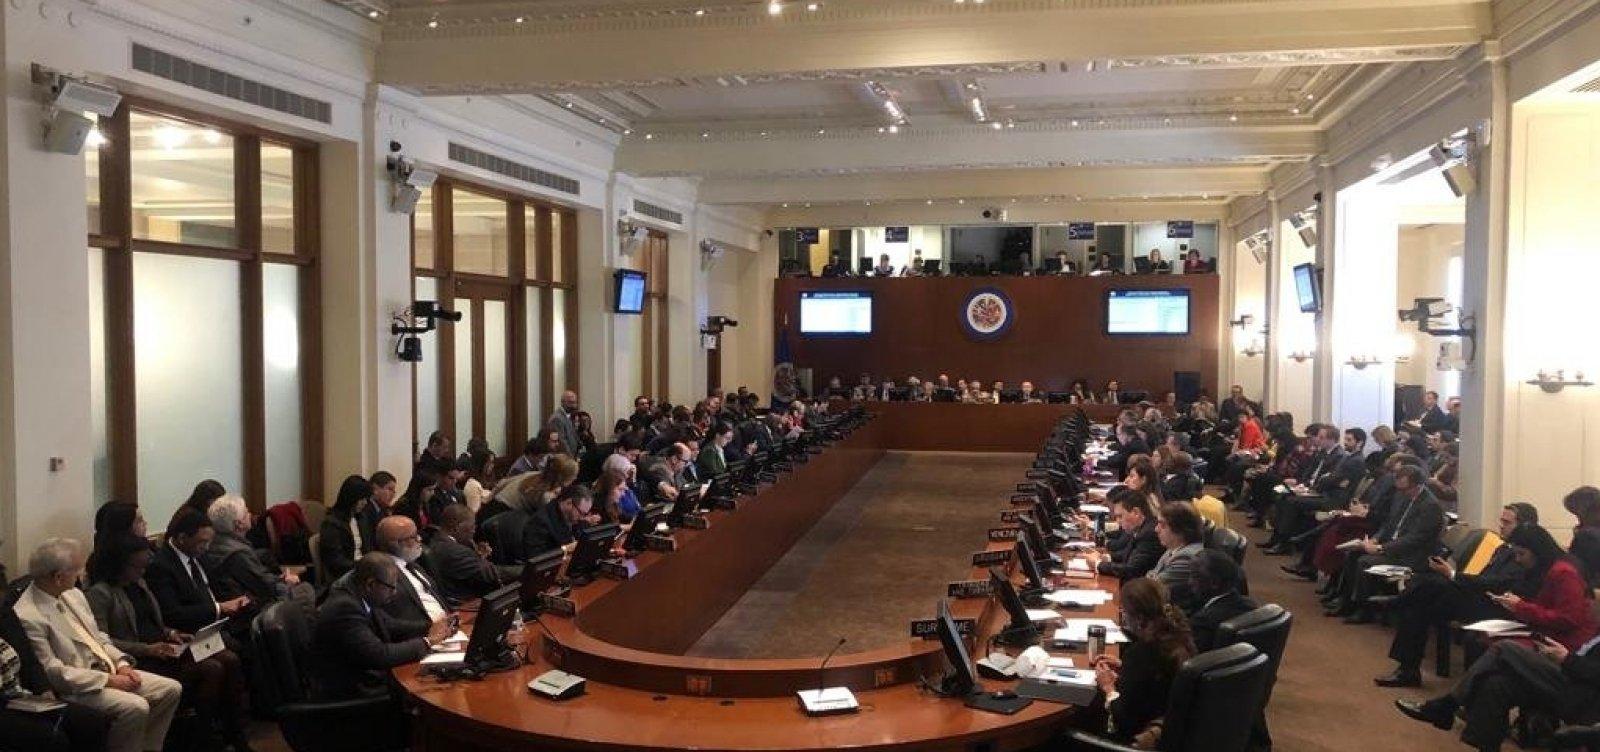 [Em reunião, OEA declara ilegitimidade no mandato de Maduro]